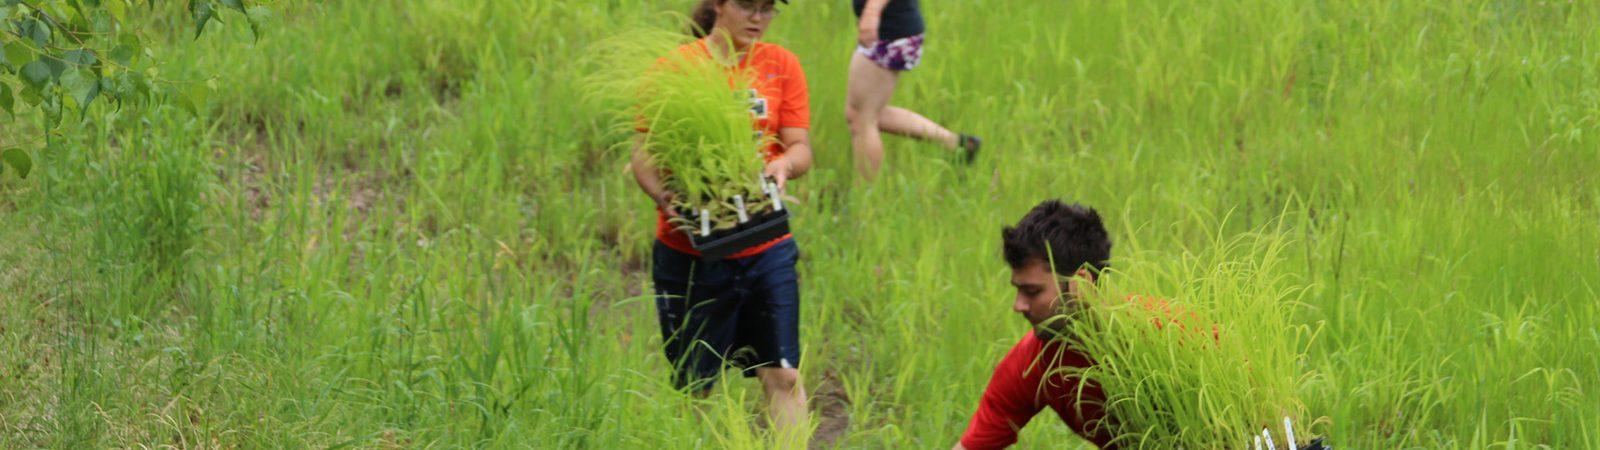 Northland College students and alum prepare rain garden